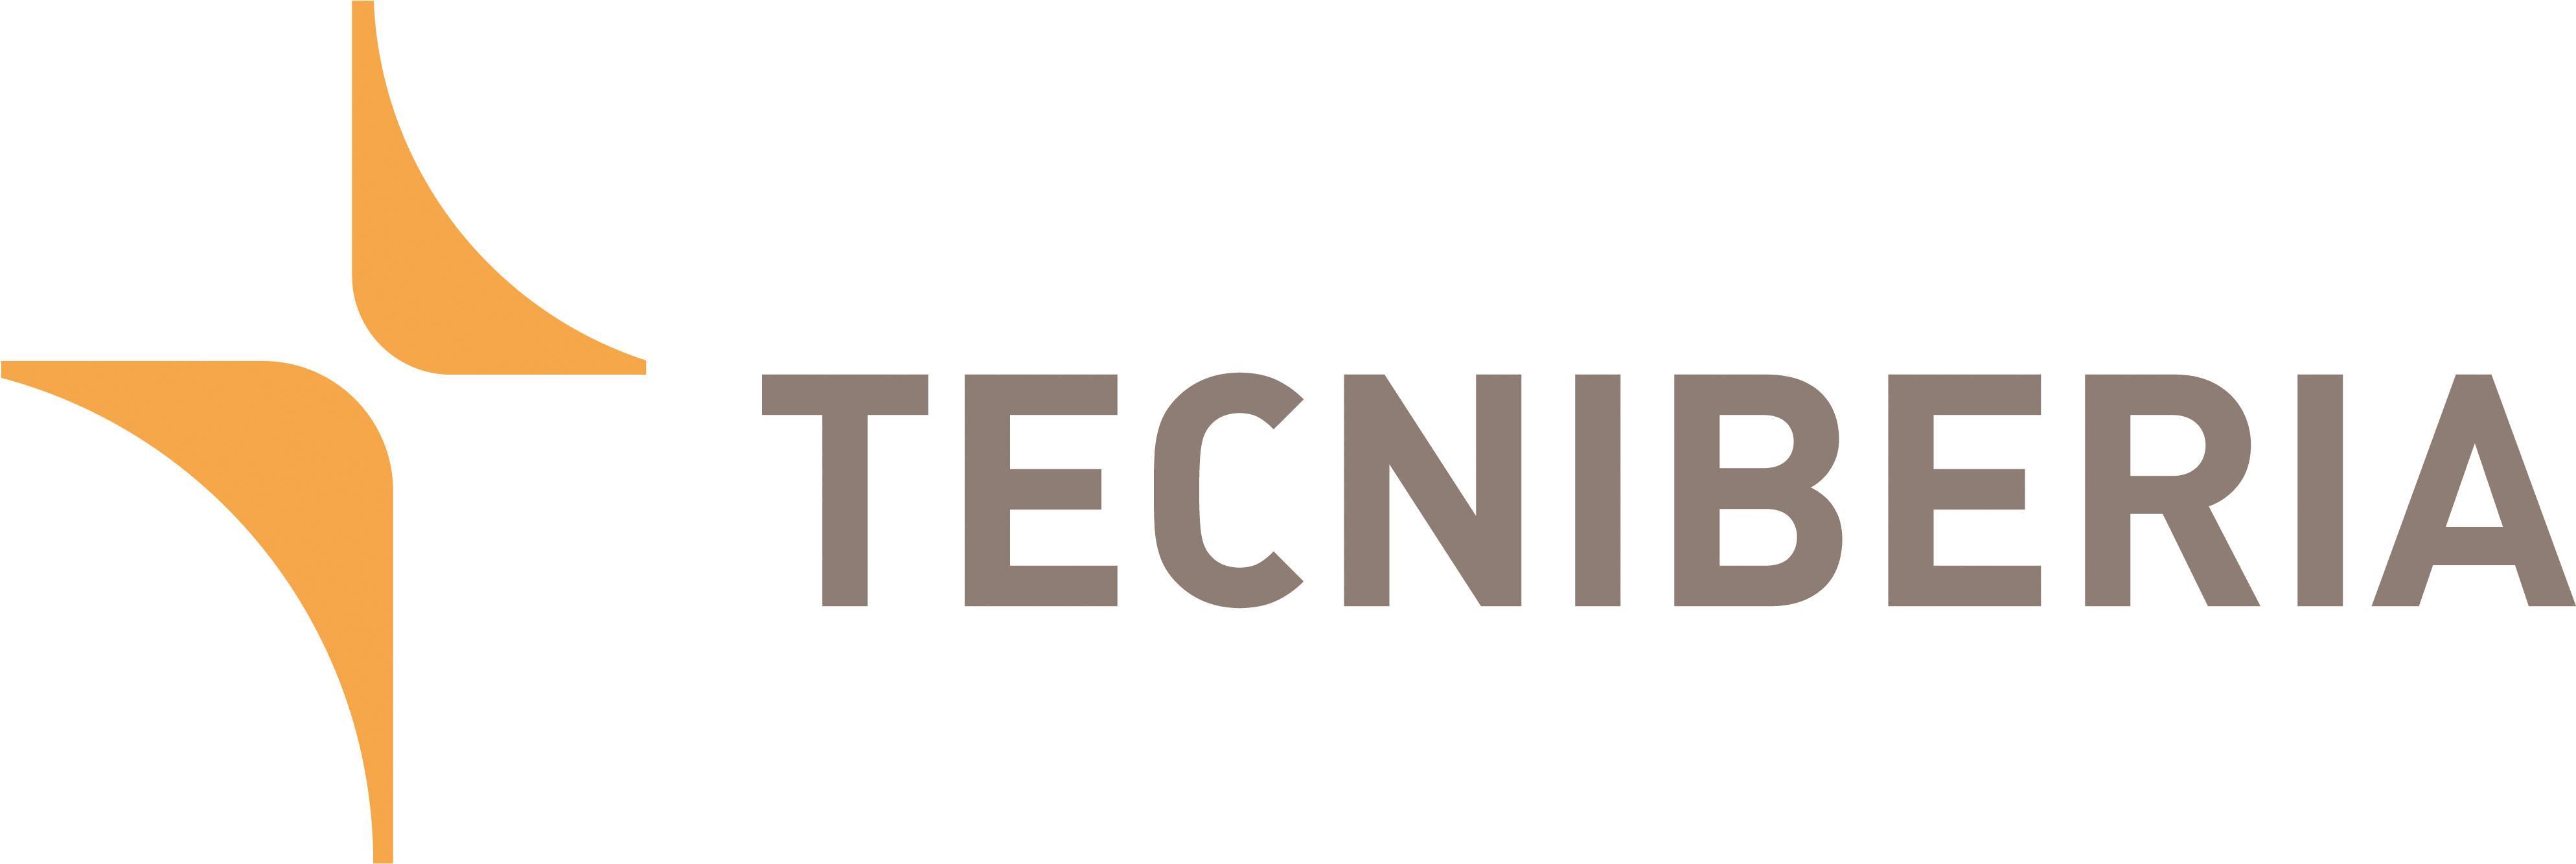 TECNIBERIA reclama ante las reiteradas desviaciones de procedimiento en las licitaciones de ingeniería de Renfe Viajeros